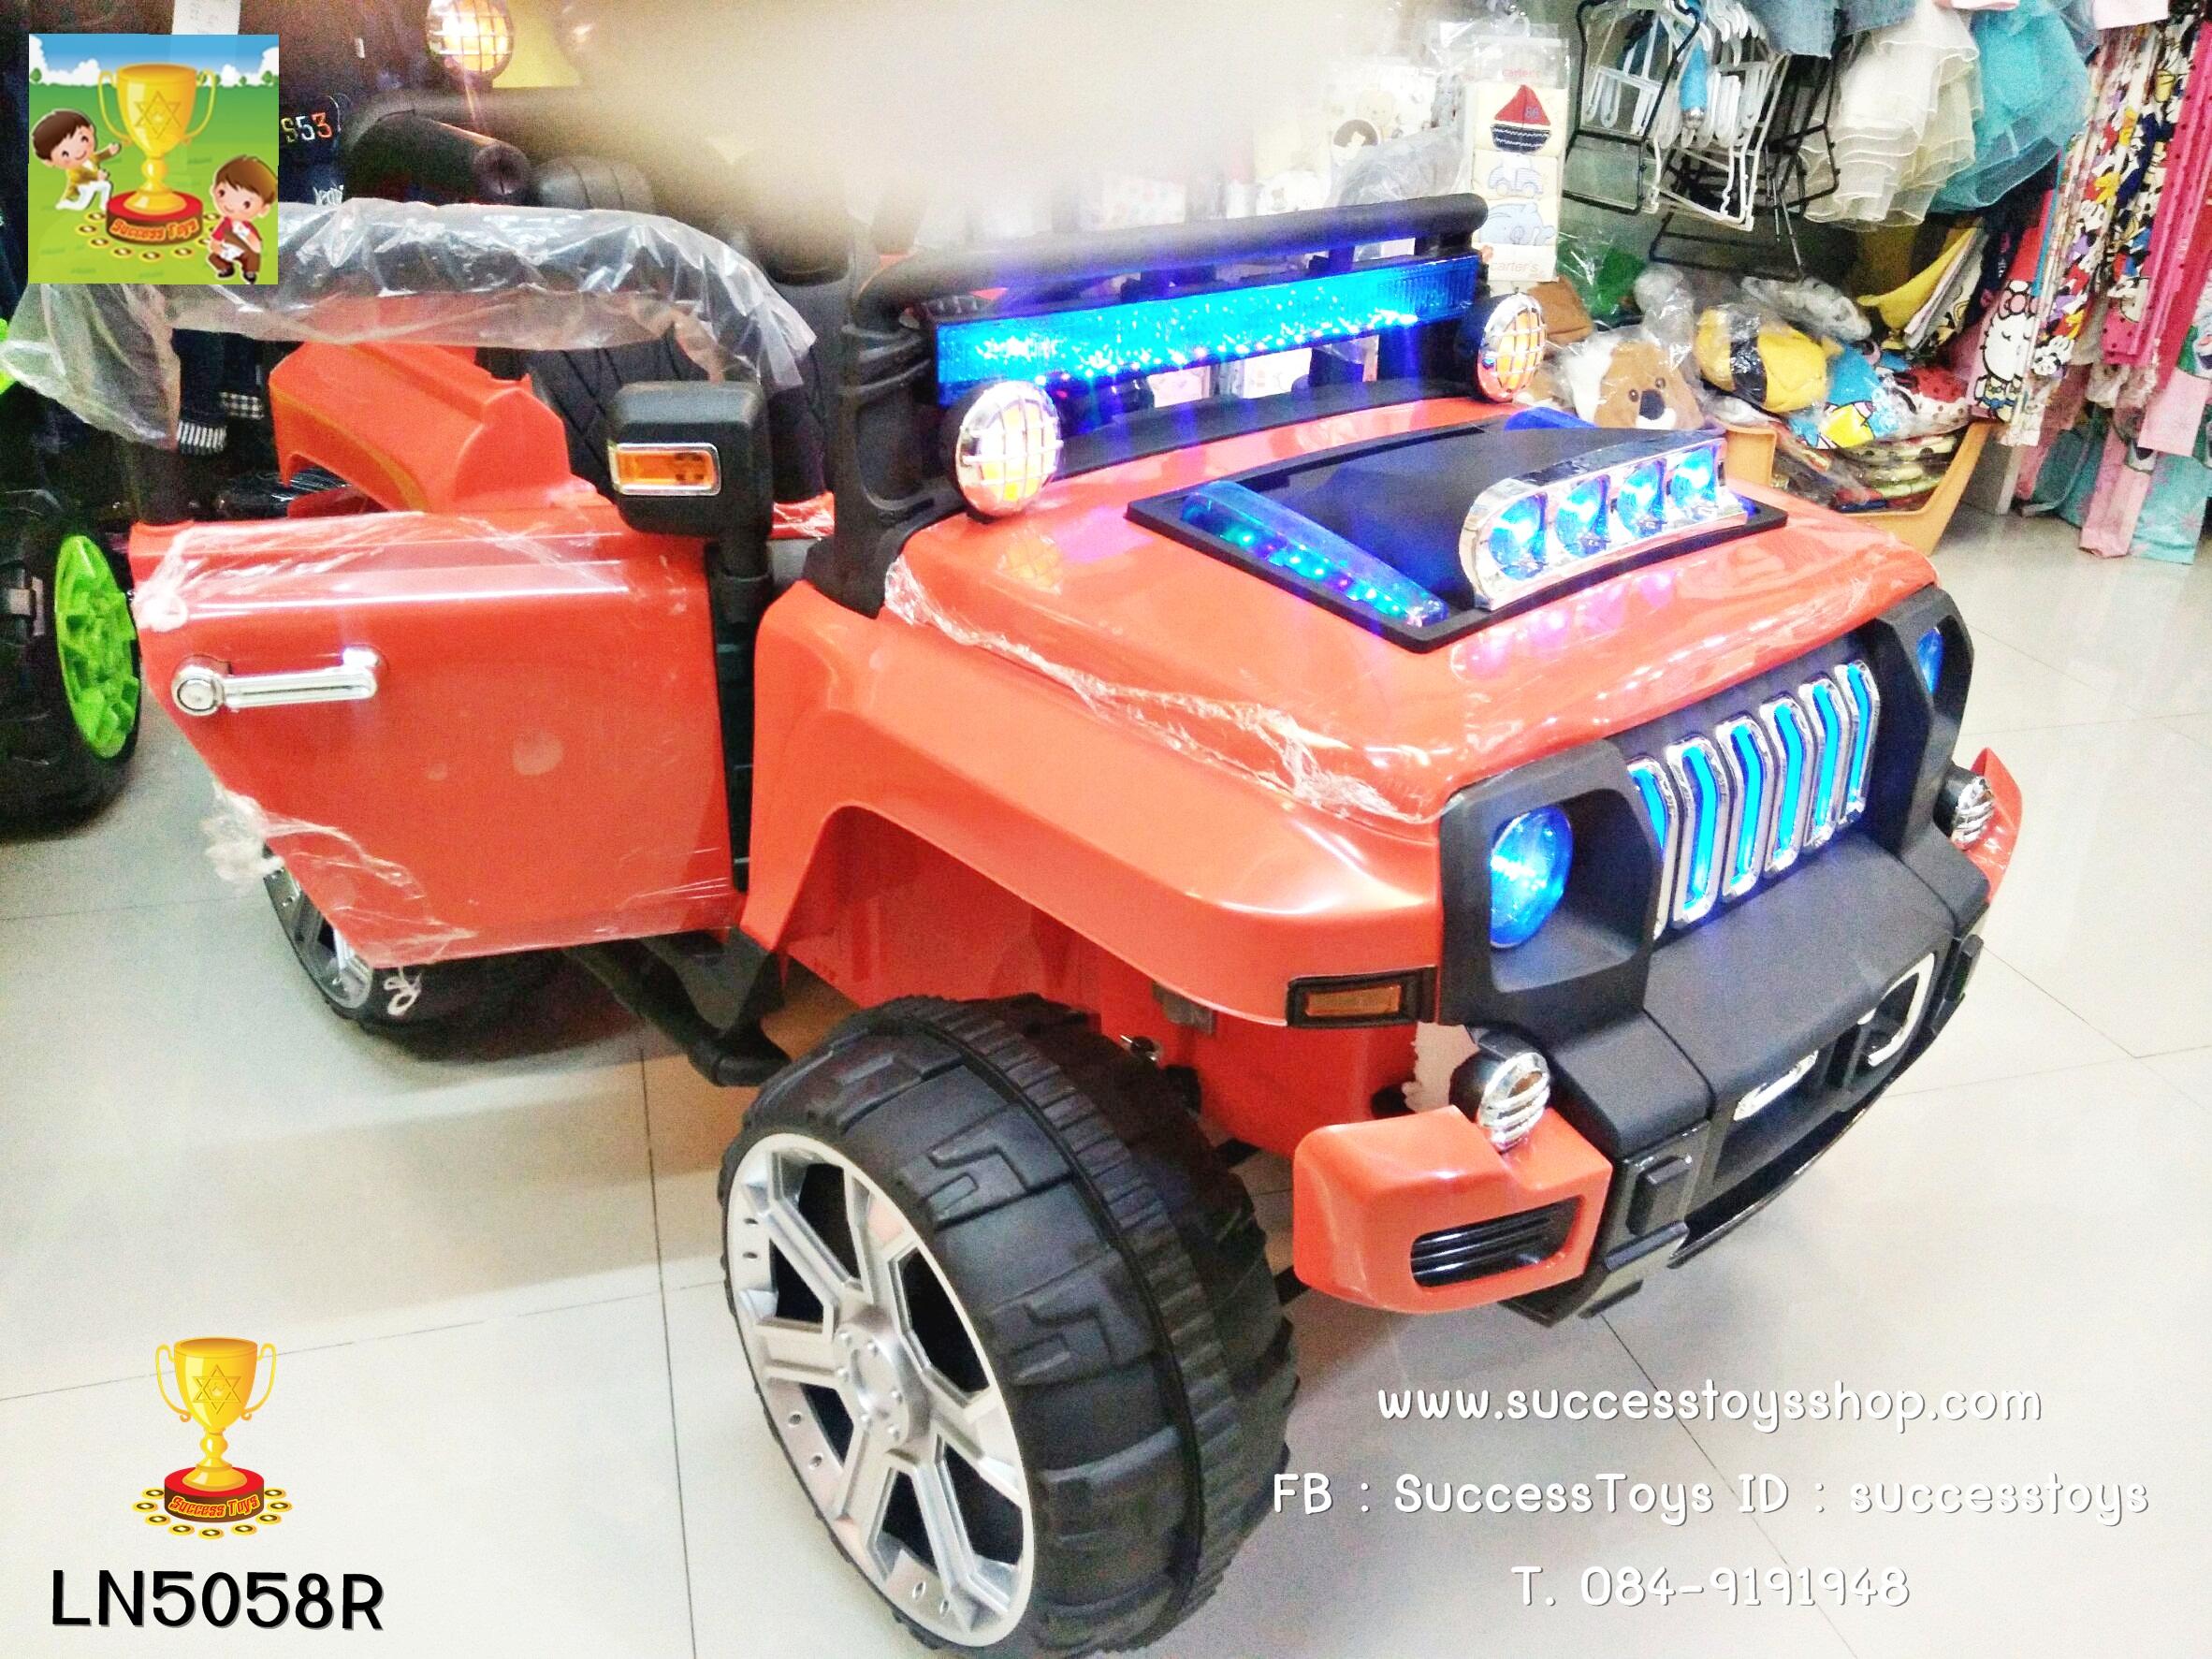 LN5058 รถจิ๊ฟเด็กนั่งไฟฟ้า4มอเตอร์ usb/sd/mp3ได้ มี 3 สี แดง เขียว ครีม